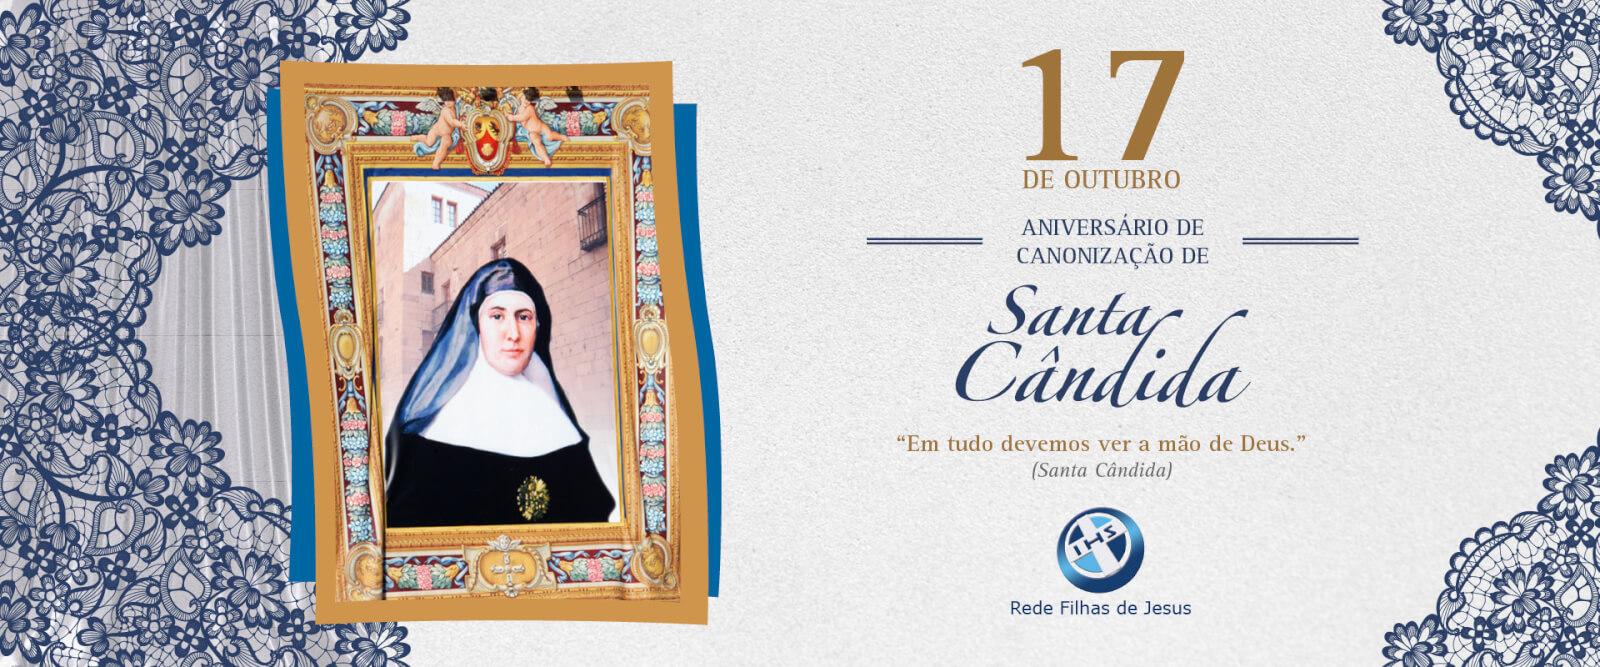 Canonização Santa Cândida